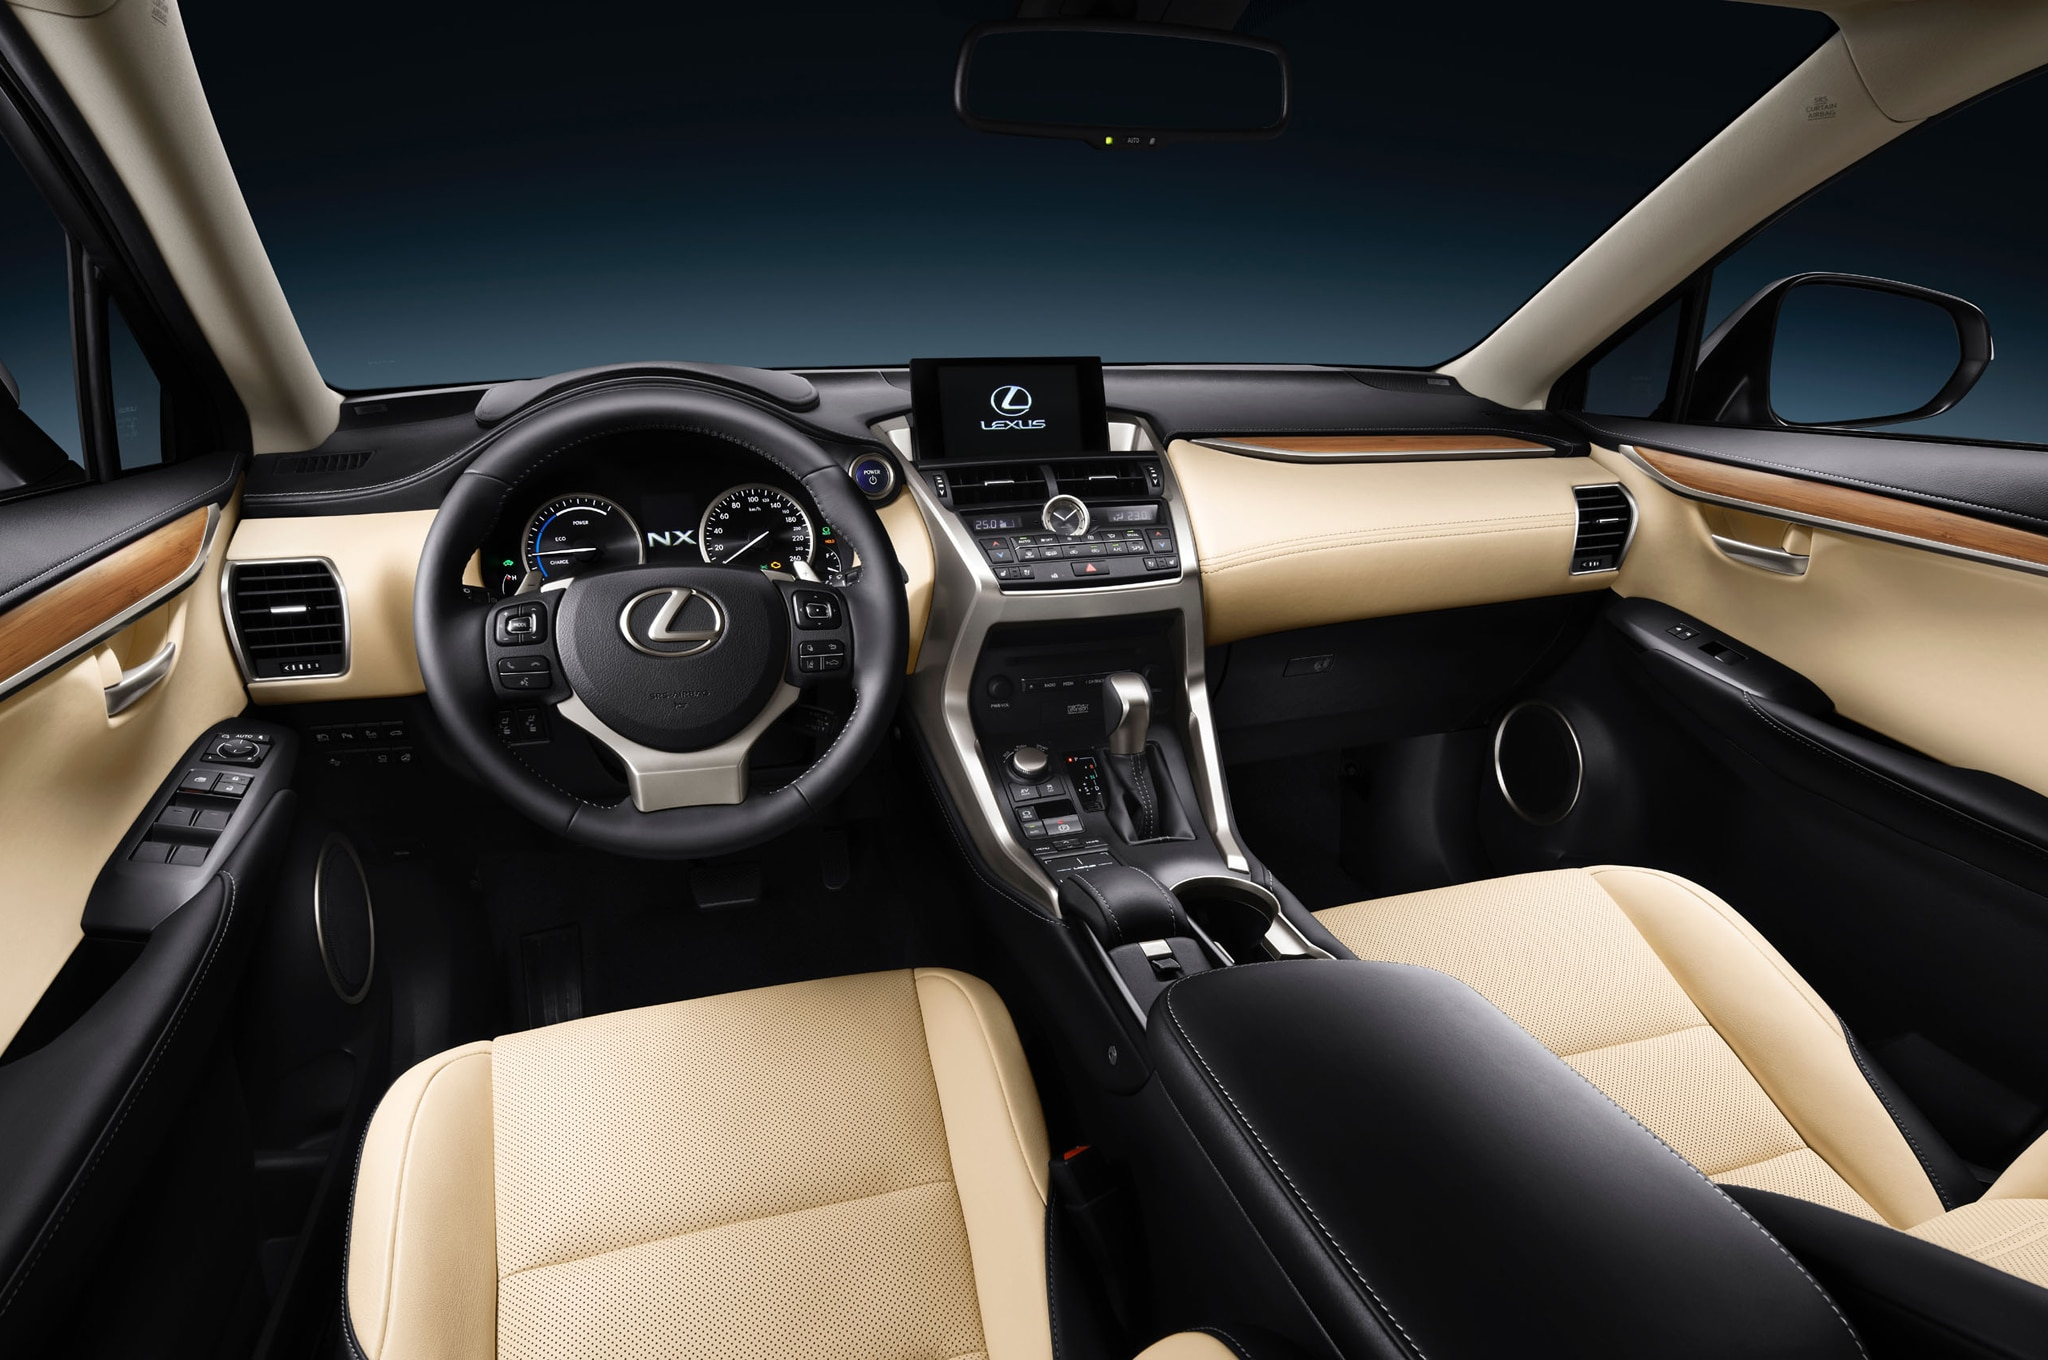 2015-Lexus-NX-300h-interior - Motor Trend en Español